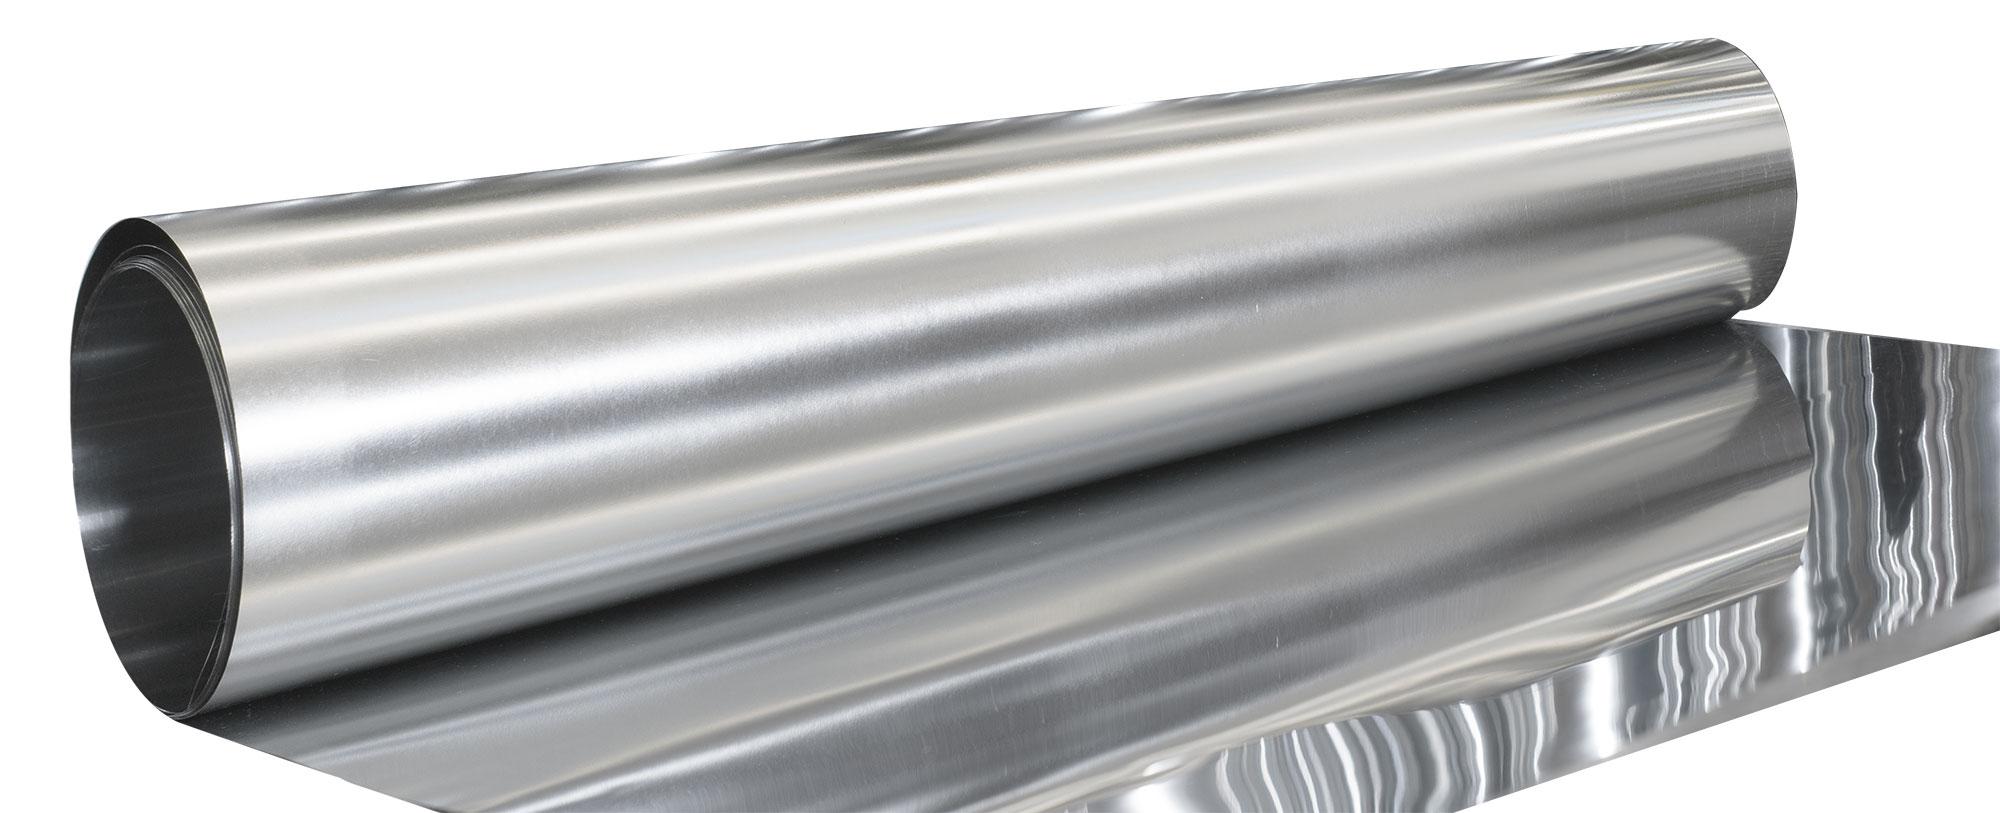 Rubans en molybdène, tungstène ou tantale